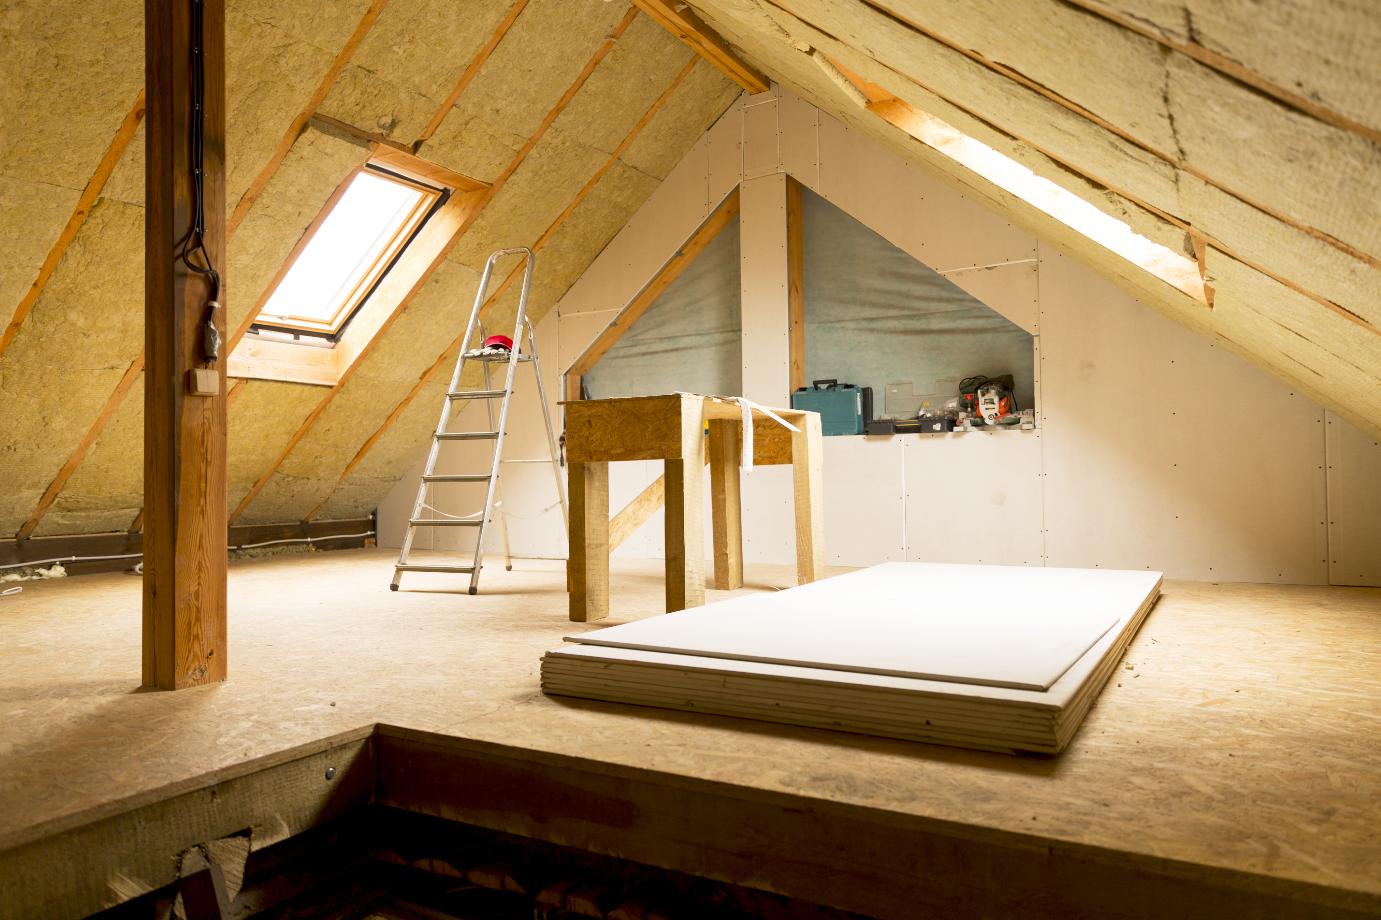 meilleur isolant pour combles id es d coration id es d coration. Black Bedroom Furniture Sets. Home Design Ideas